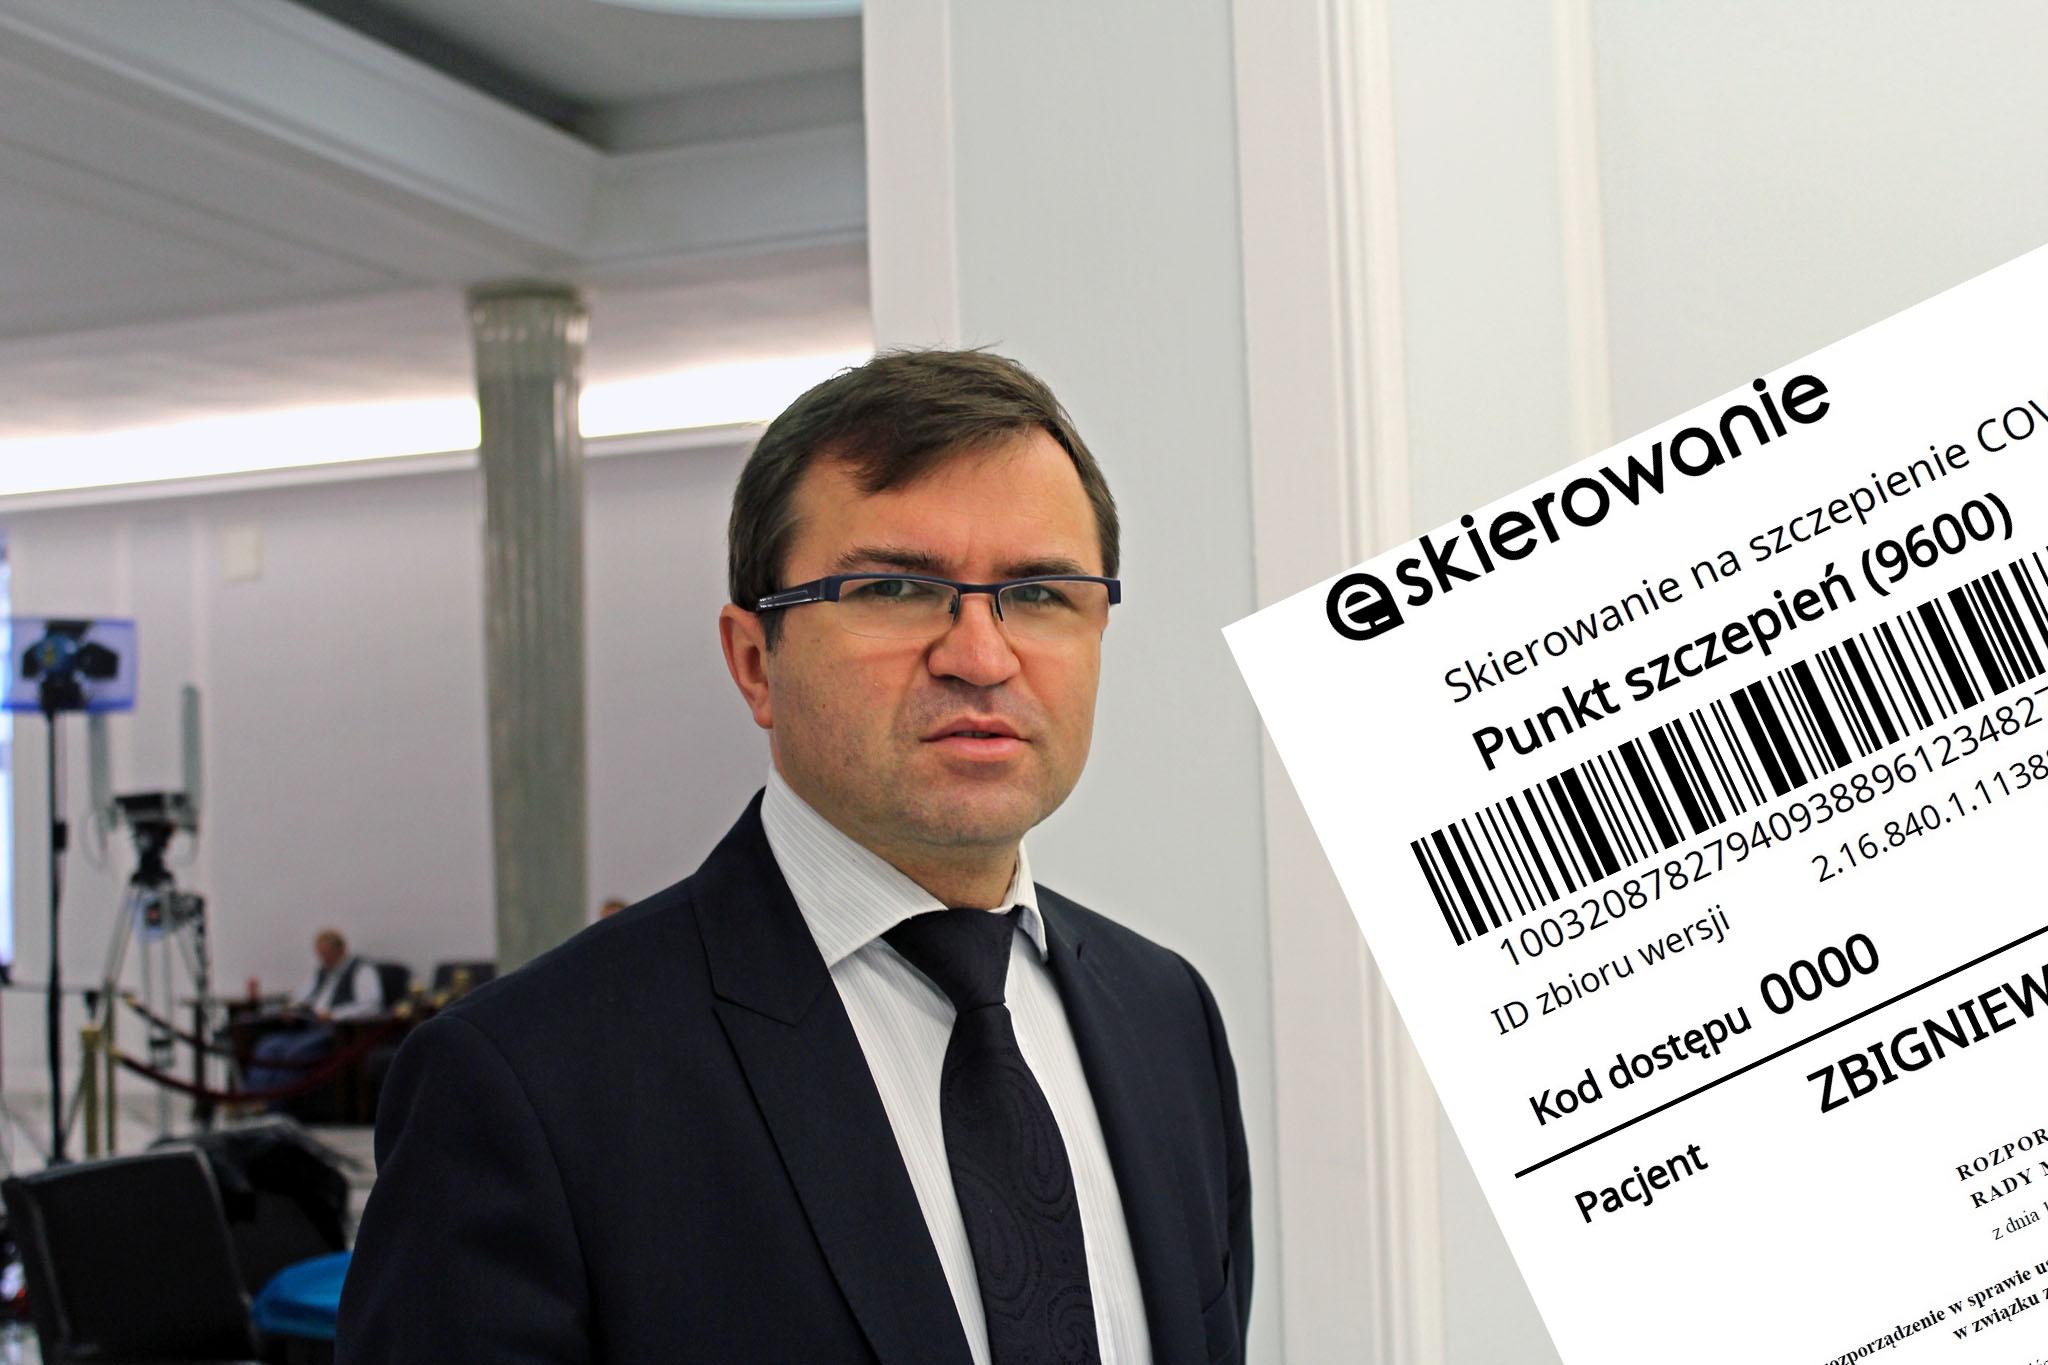 Girzyński twierdzi, że dostał skierowanie na szczepienie